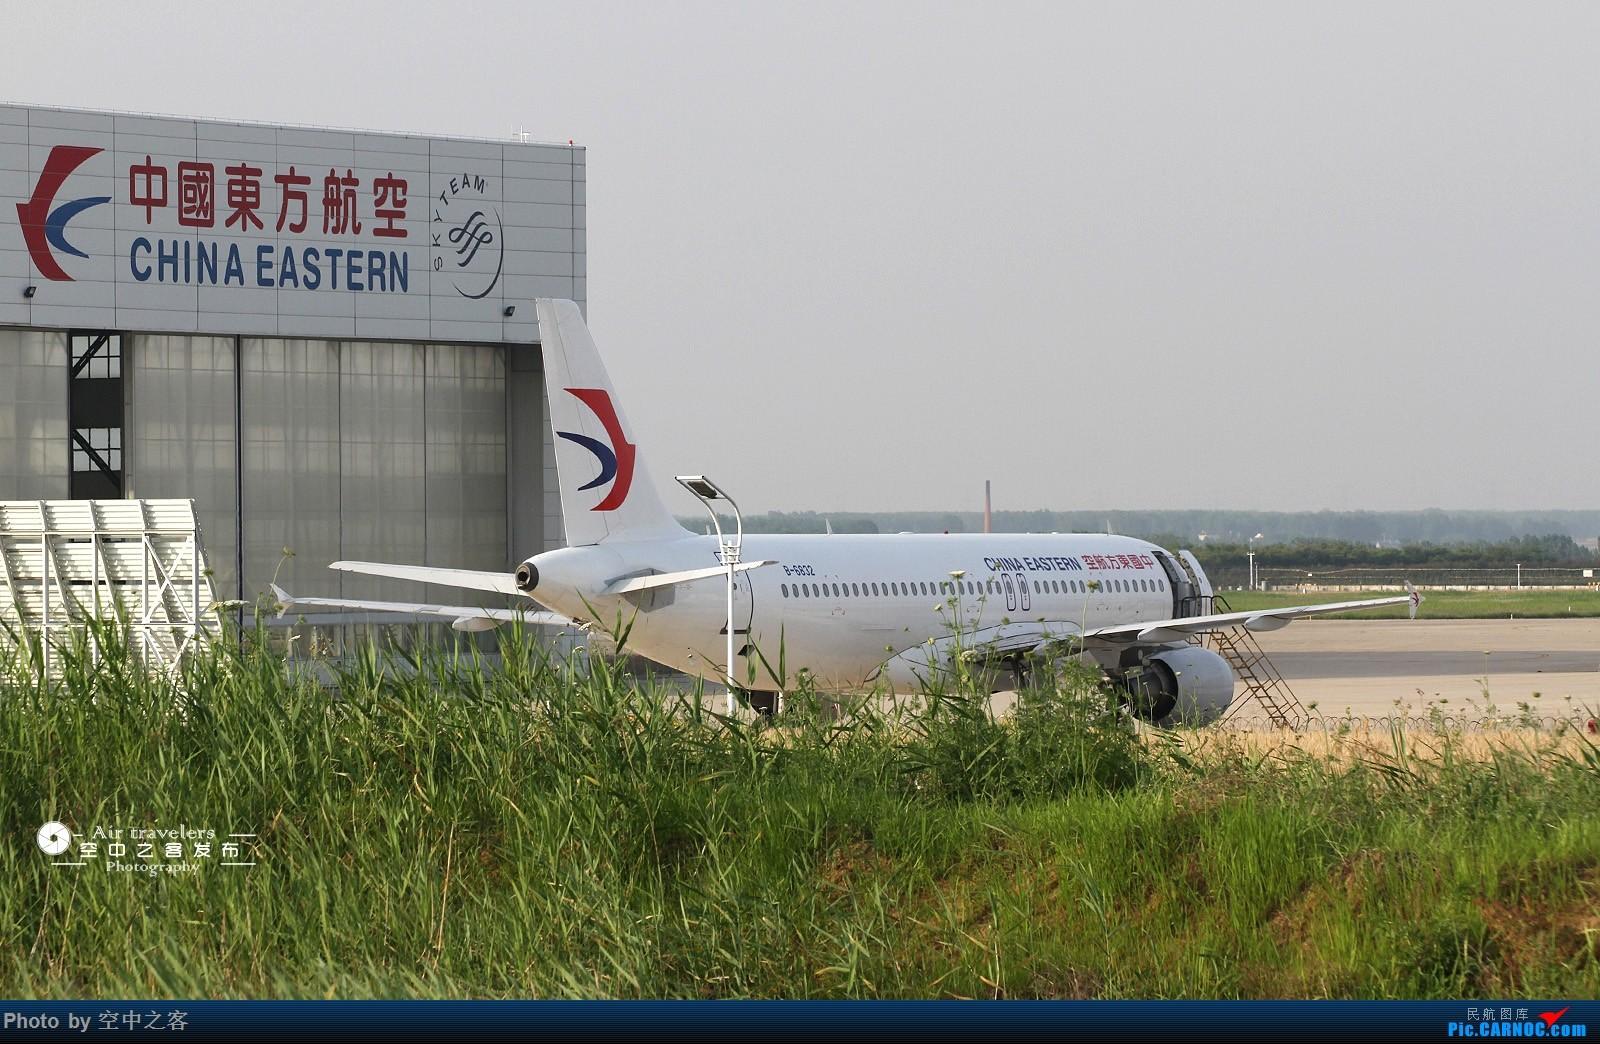 Re:[原创][合肥飞友会-霸都打机队 空中之客发布]@可口可乐 我发图啦! AIRBUS A320-200 B-6832 合肥新桥国际机场